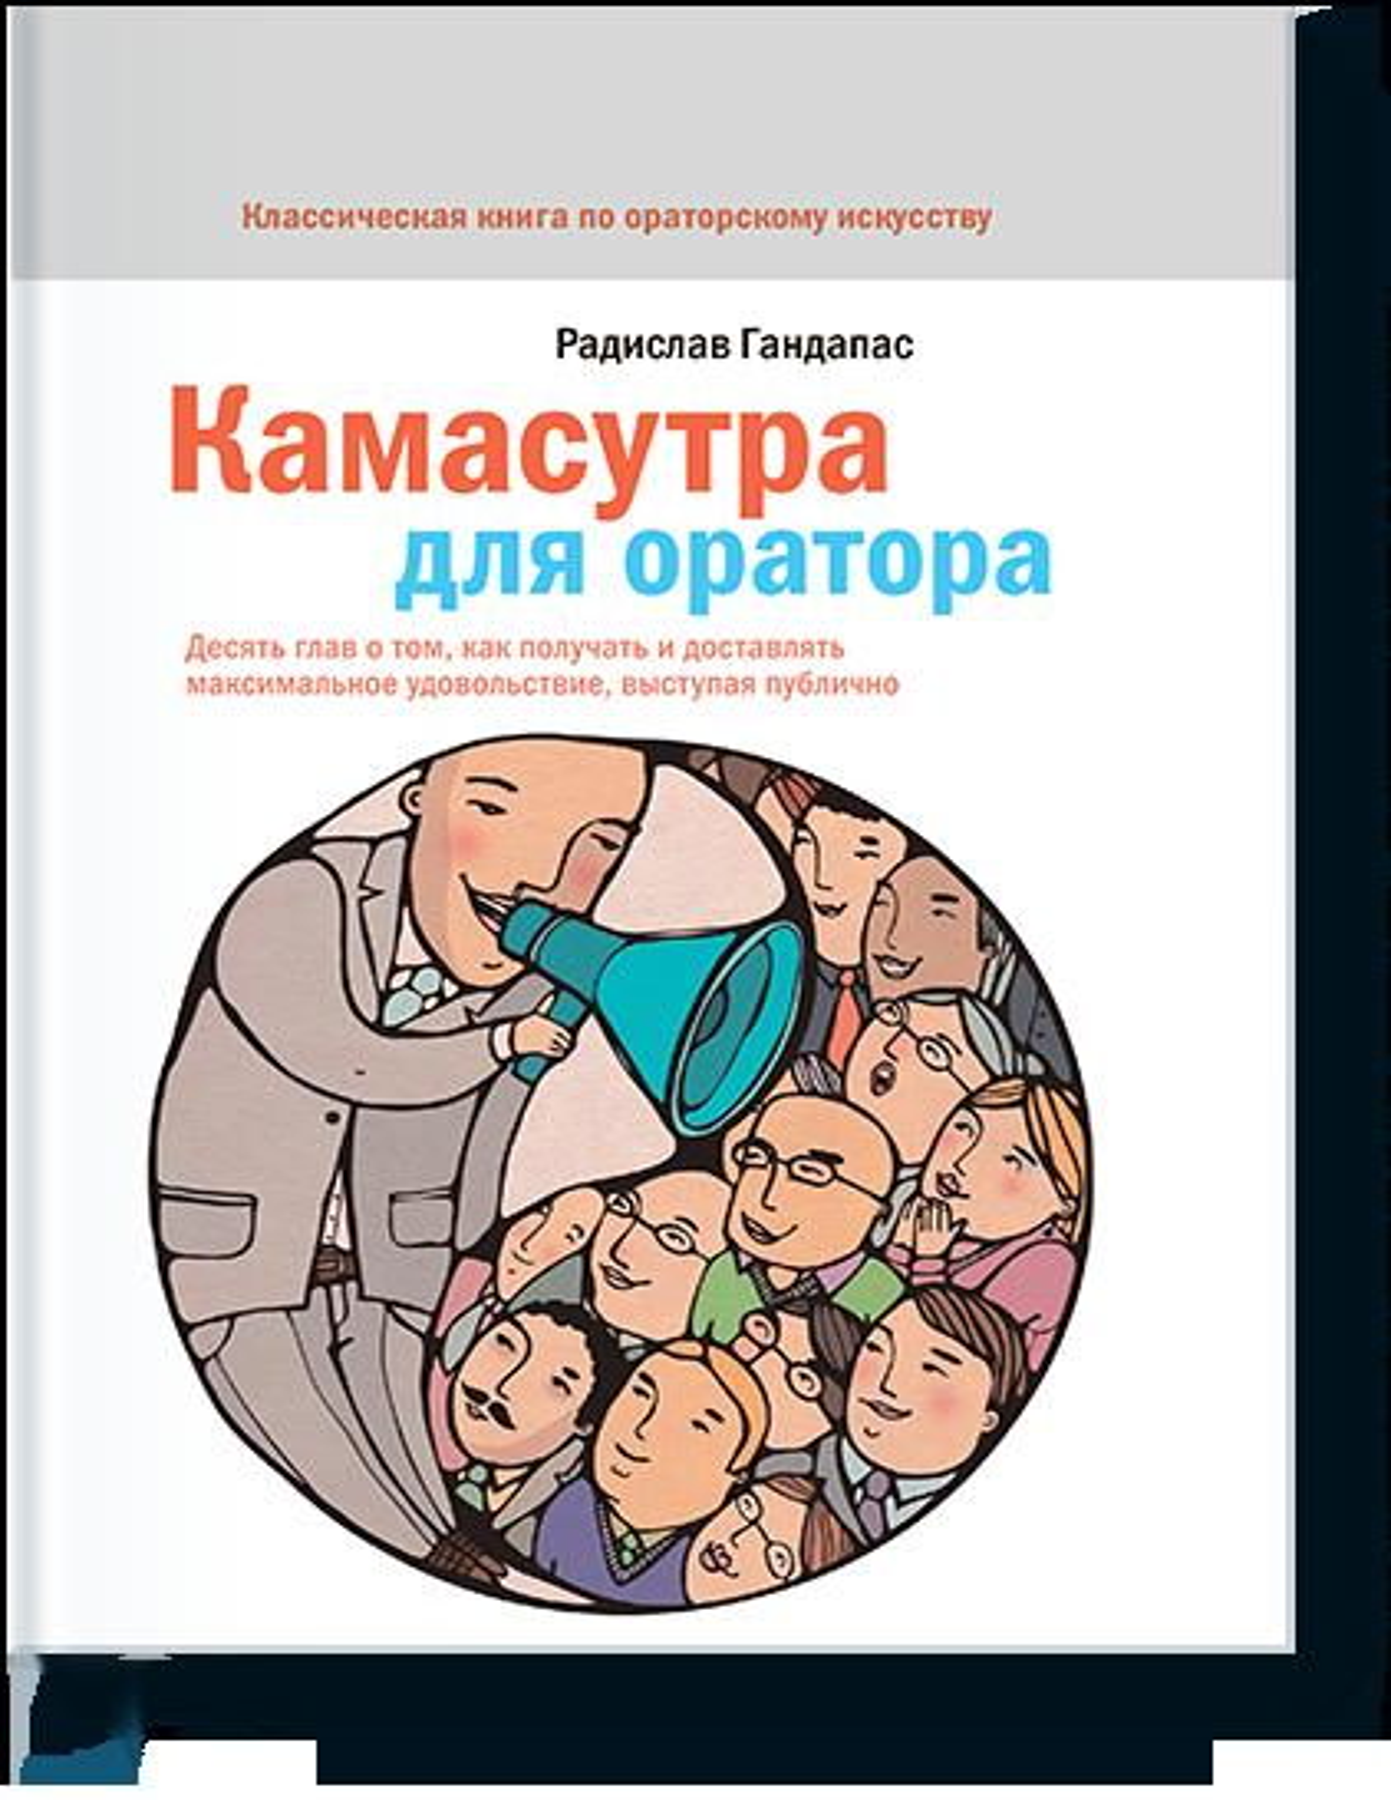 Радислав Гандапас Камасутра для оратора радислав гандапас камасутра для оратора десять глав о том как получать и доставлять максимальное удовольствие выступая публично